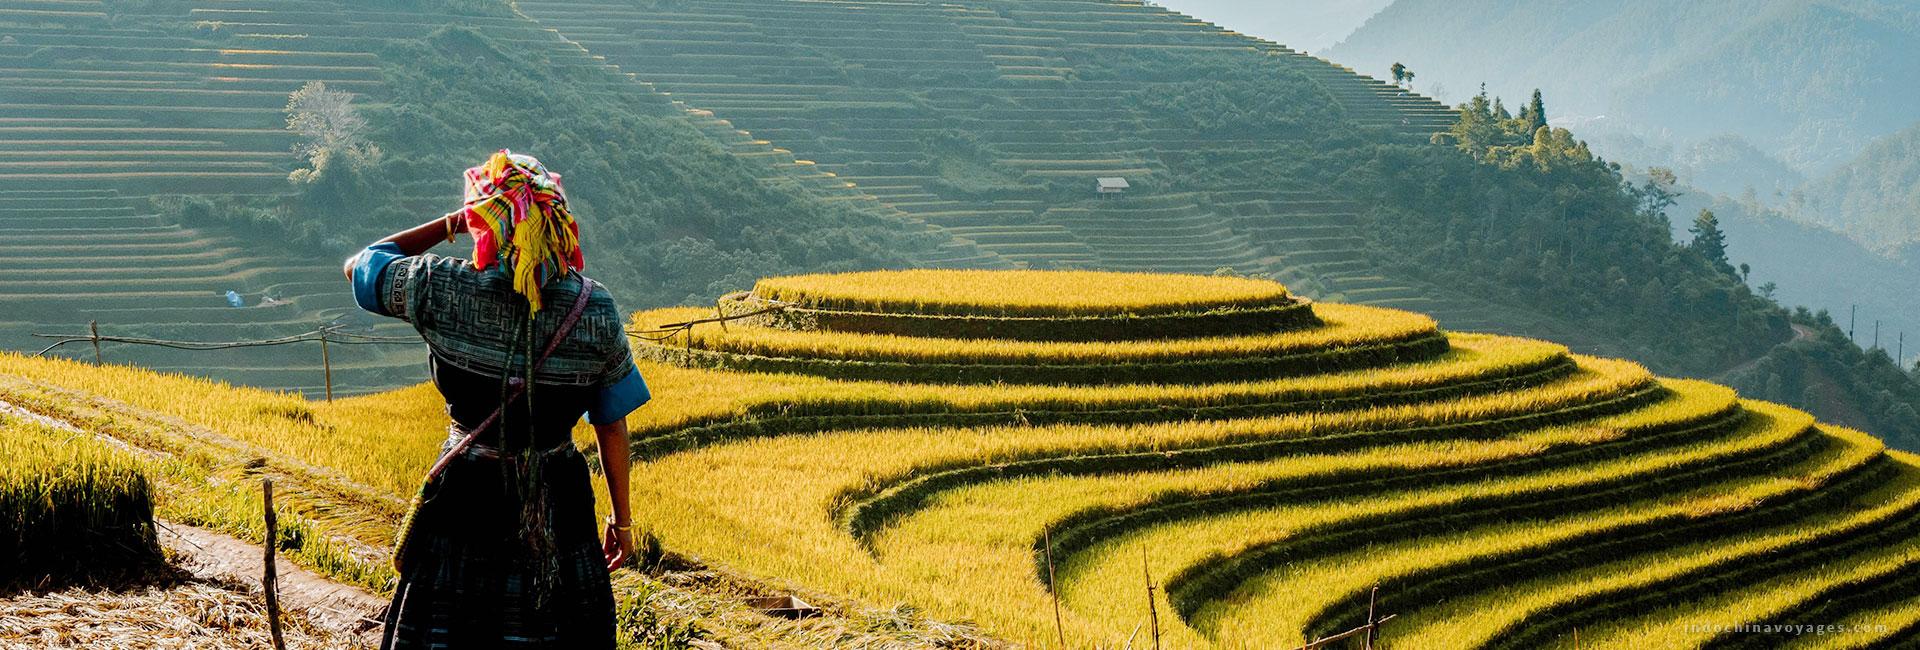 Northern Vietnam Highlights 6 Days